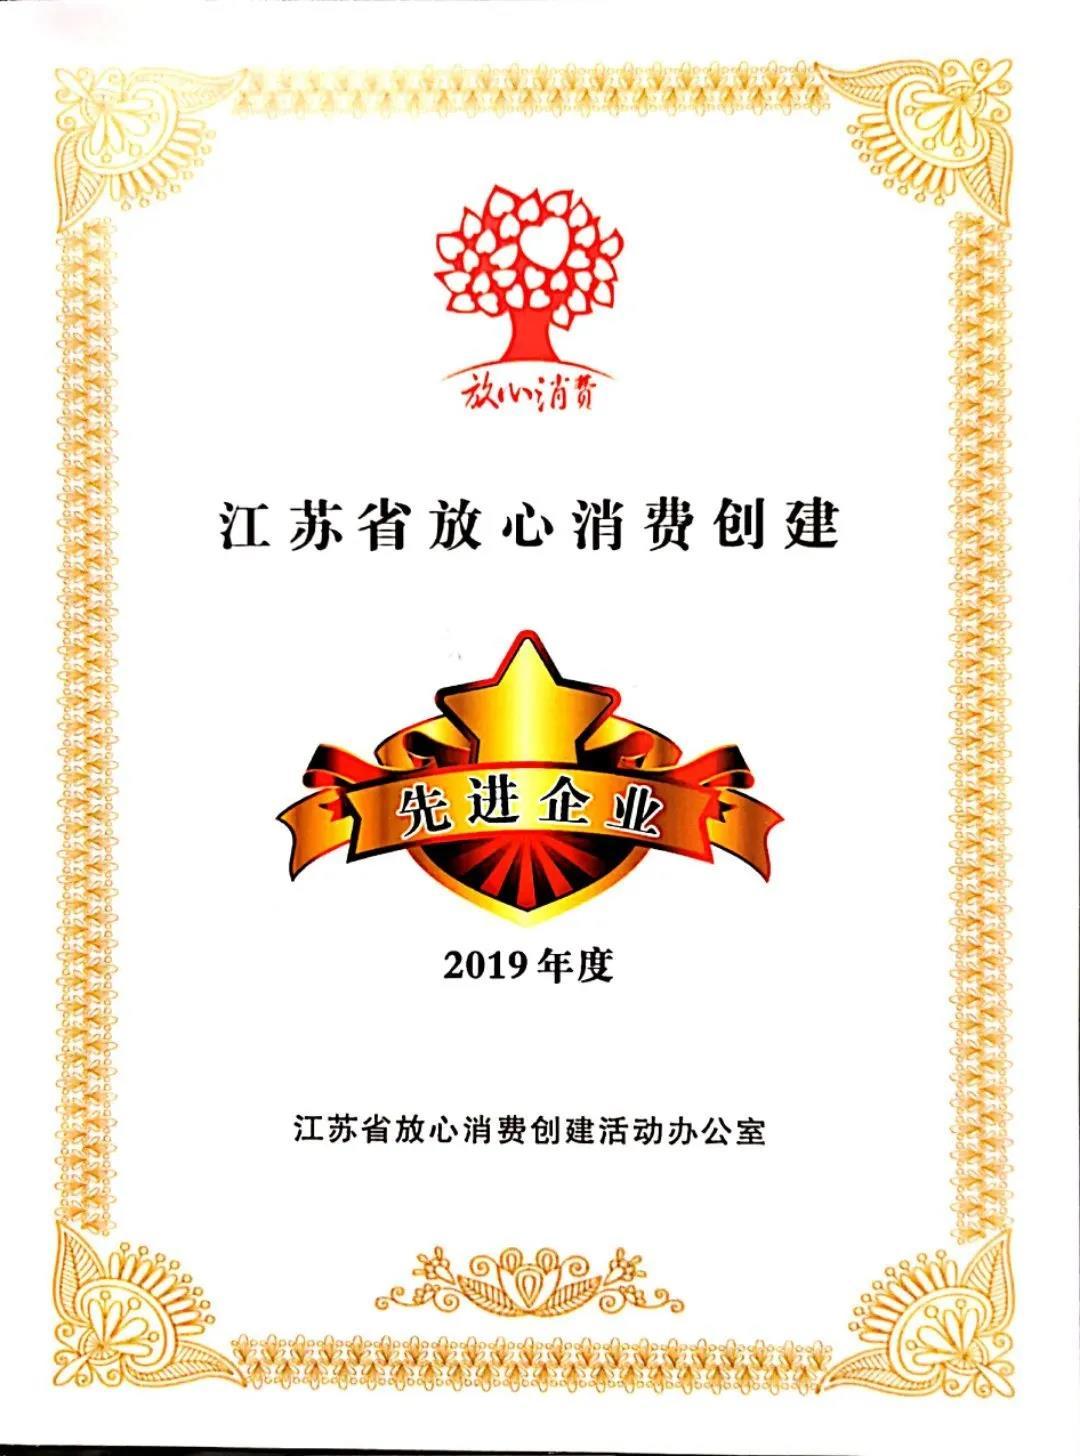 """PLNIO荣获""""江苏省放心消费创建先进企业""""荣誉称号,证书正式亮相!"""